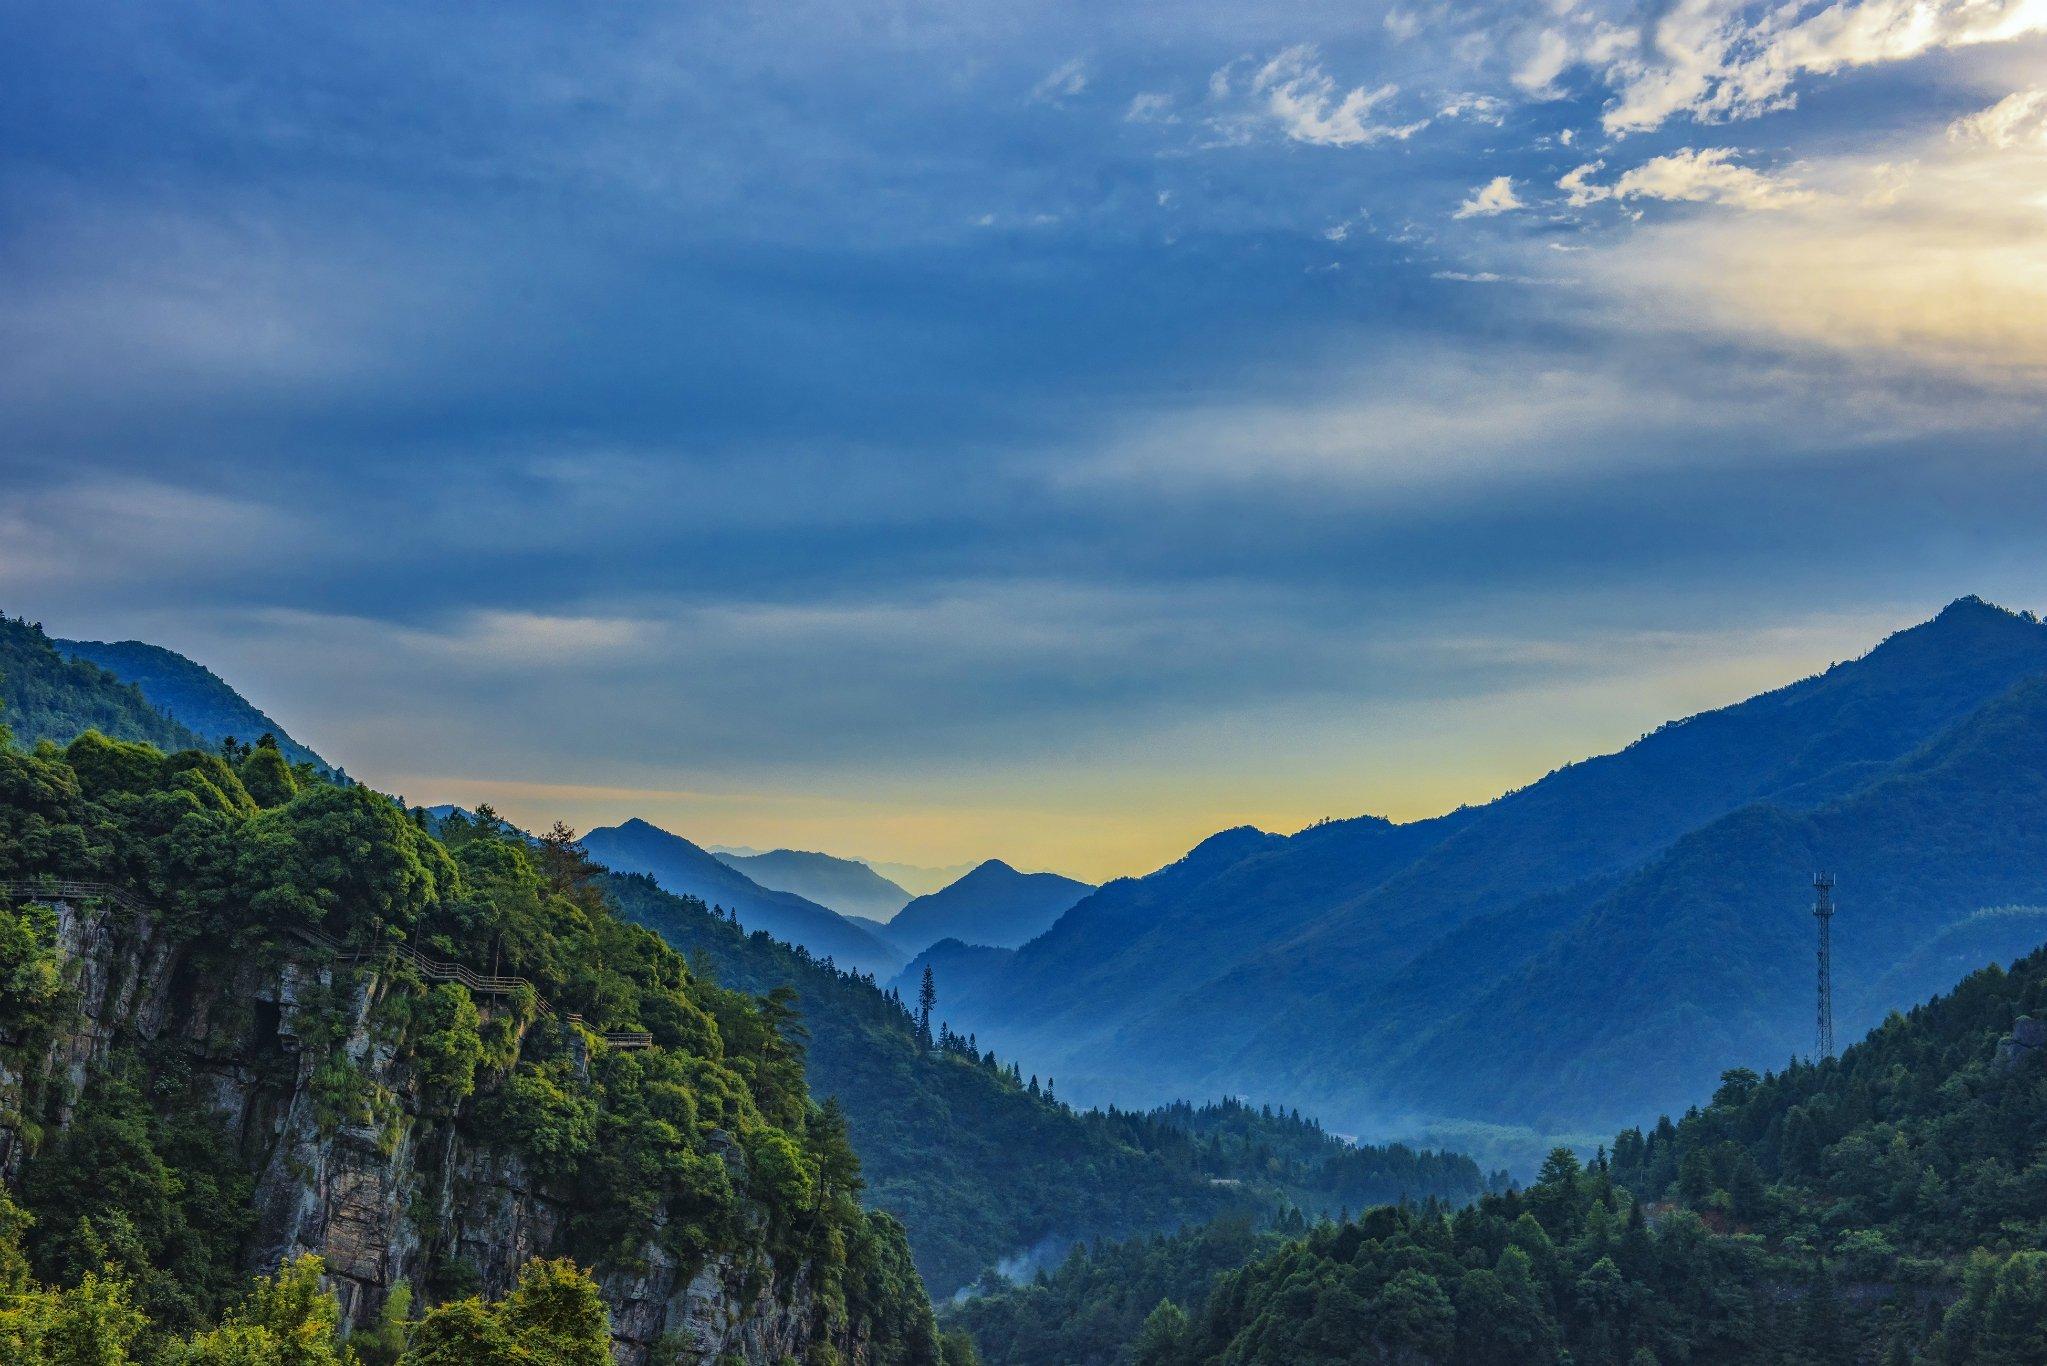 西黄山藏着一块圣地,景色绮丽,值得一去再去